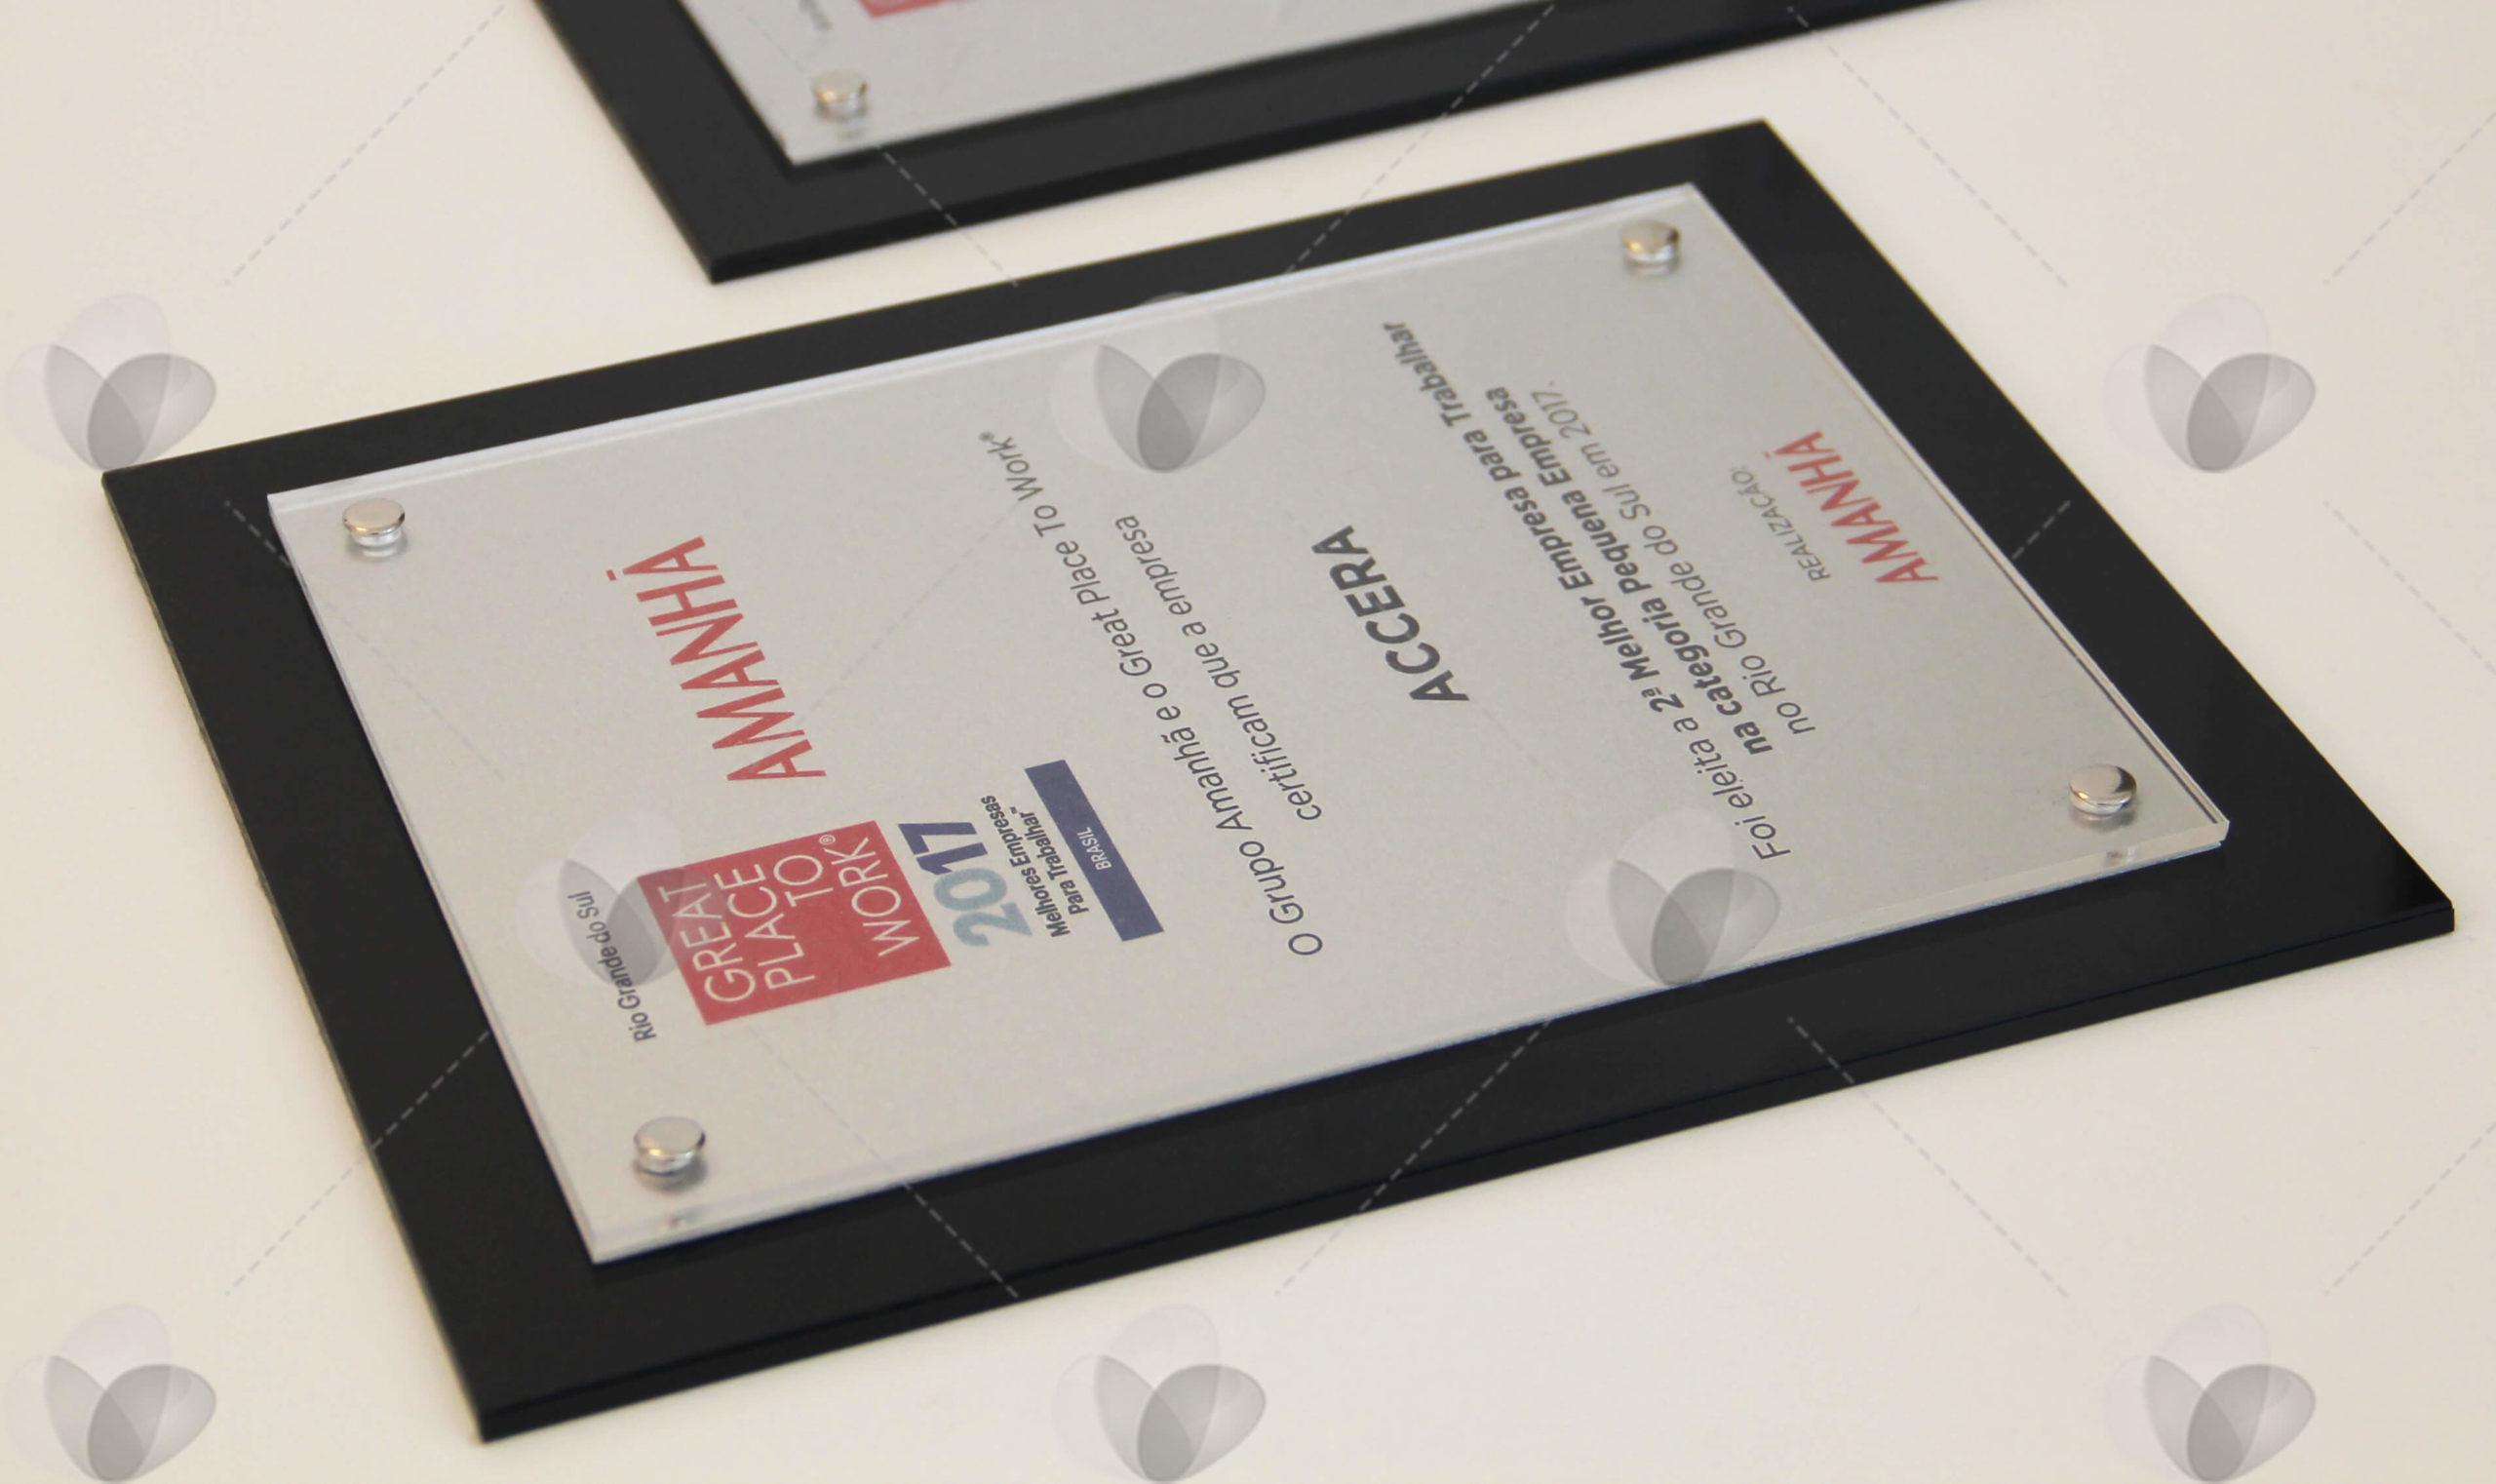 Placa de menção honrosa para premiação de empresas, feita em acrílico com placa sobreposta